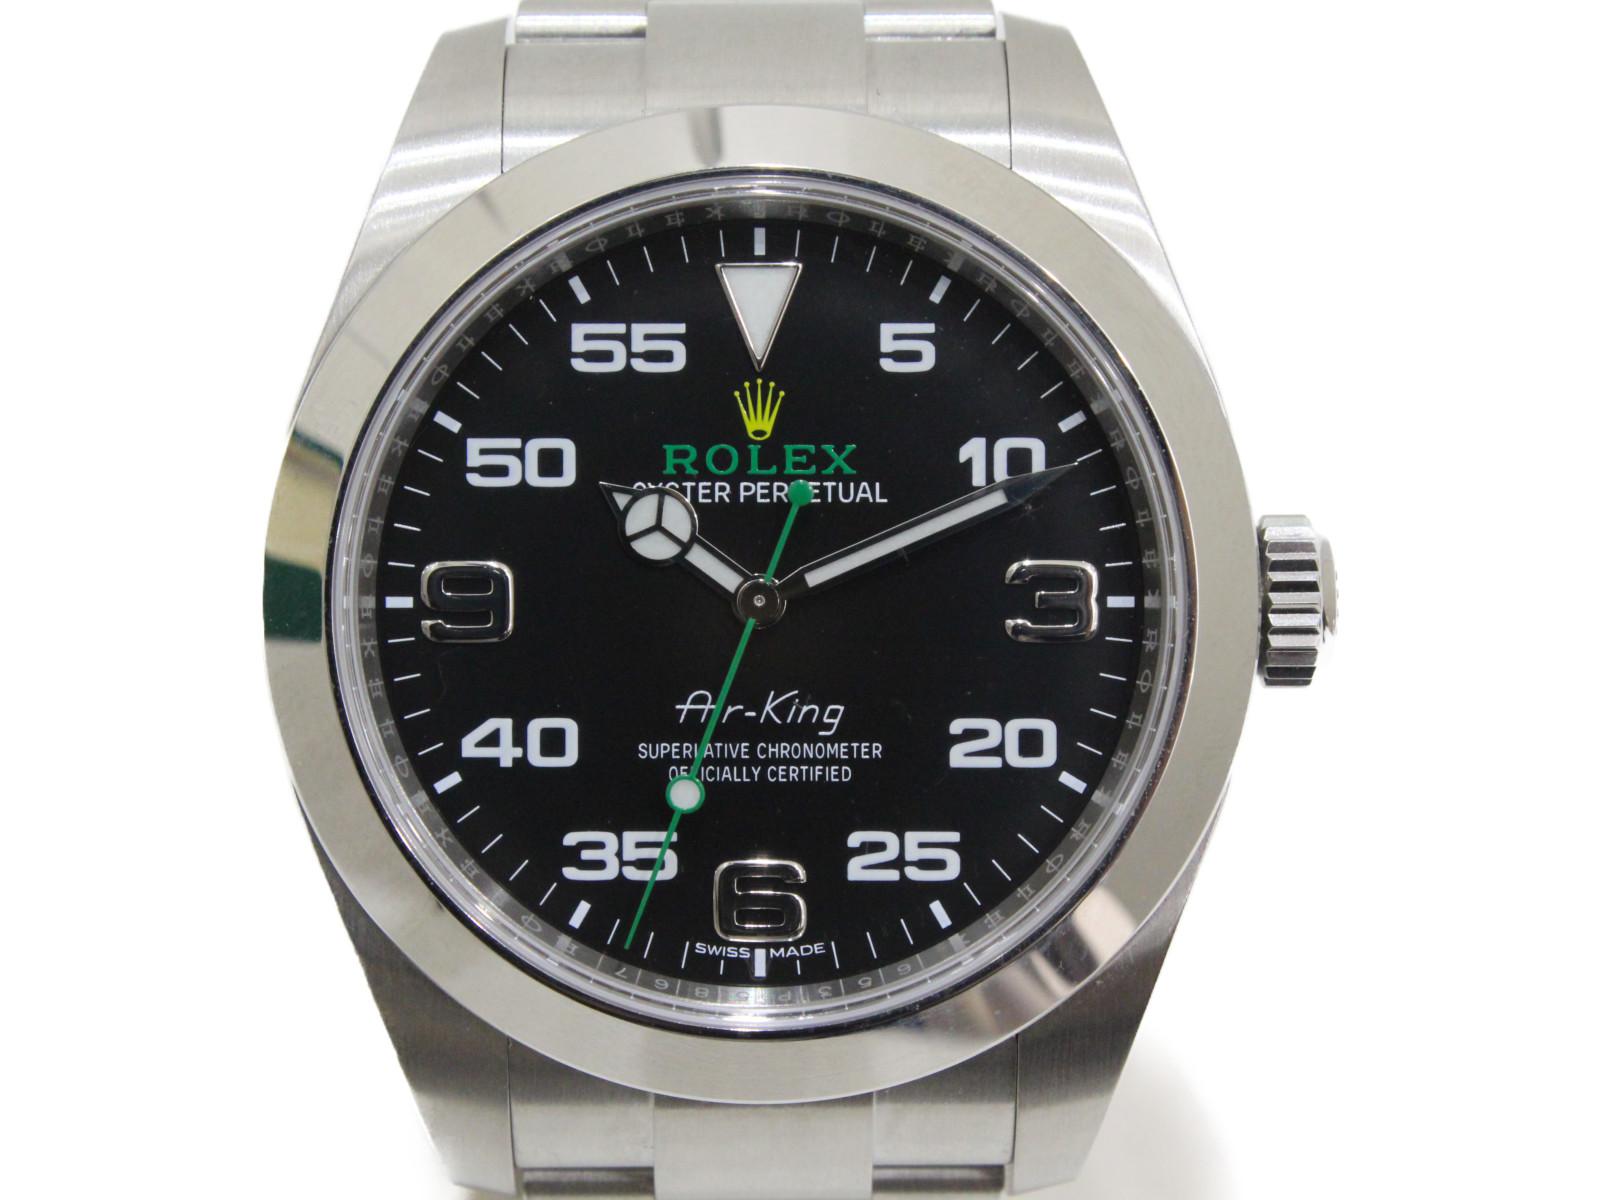 【2019年ギャラ】ROLEX ロレックス エアキング 116900 ランダム 自動巻き SS ステンレススチール ブラック メンズ 腕時計【中古】